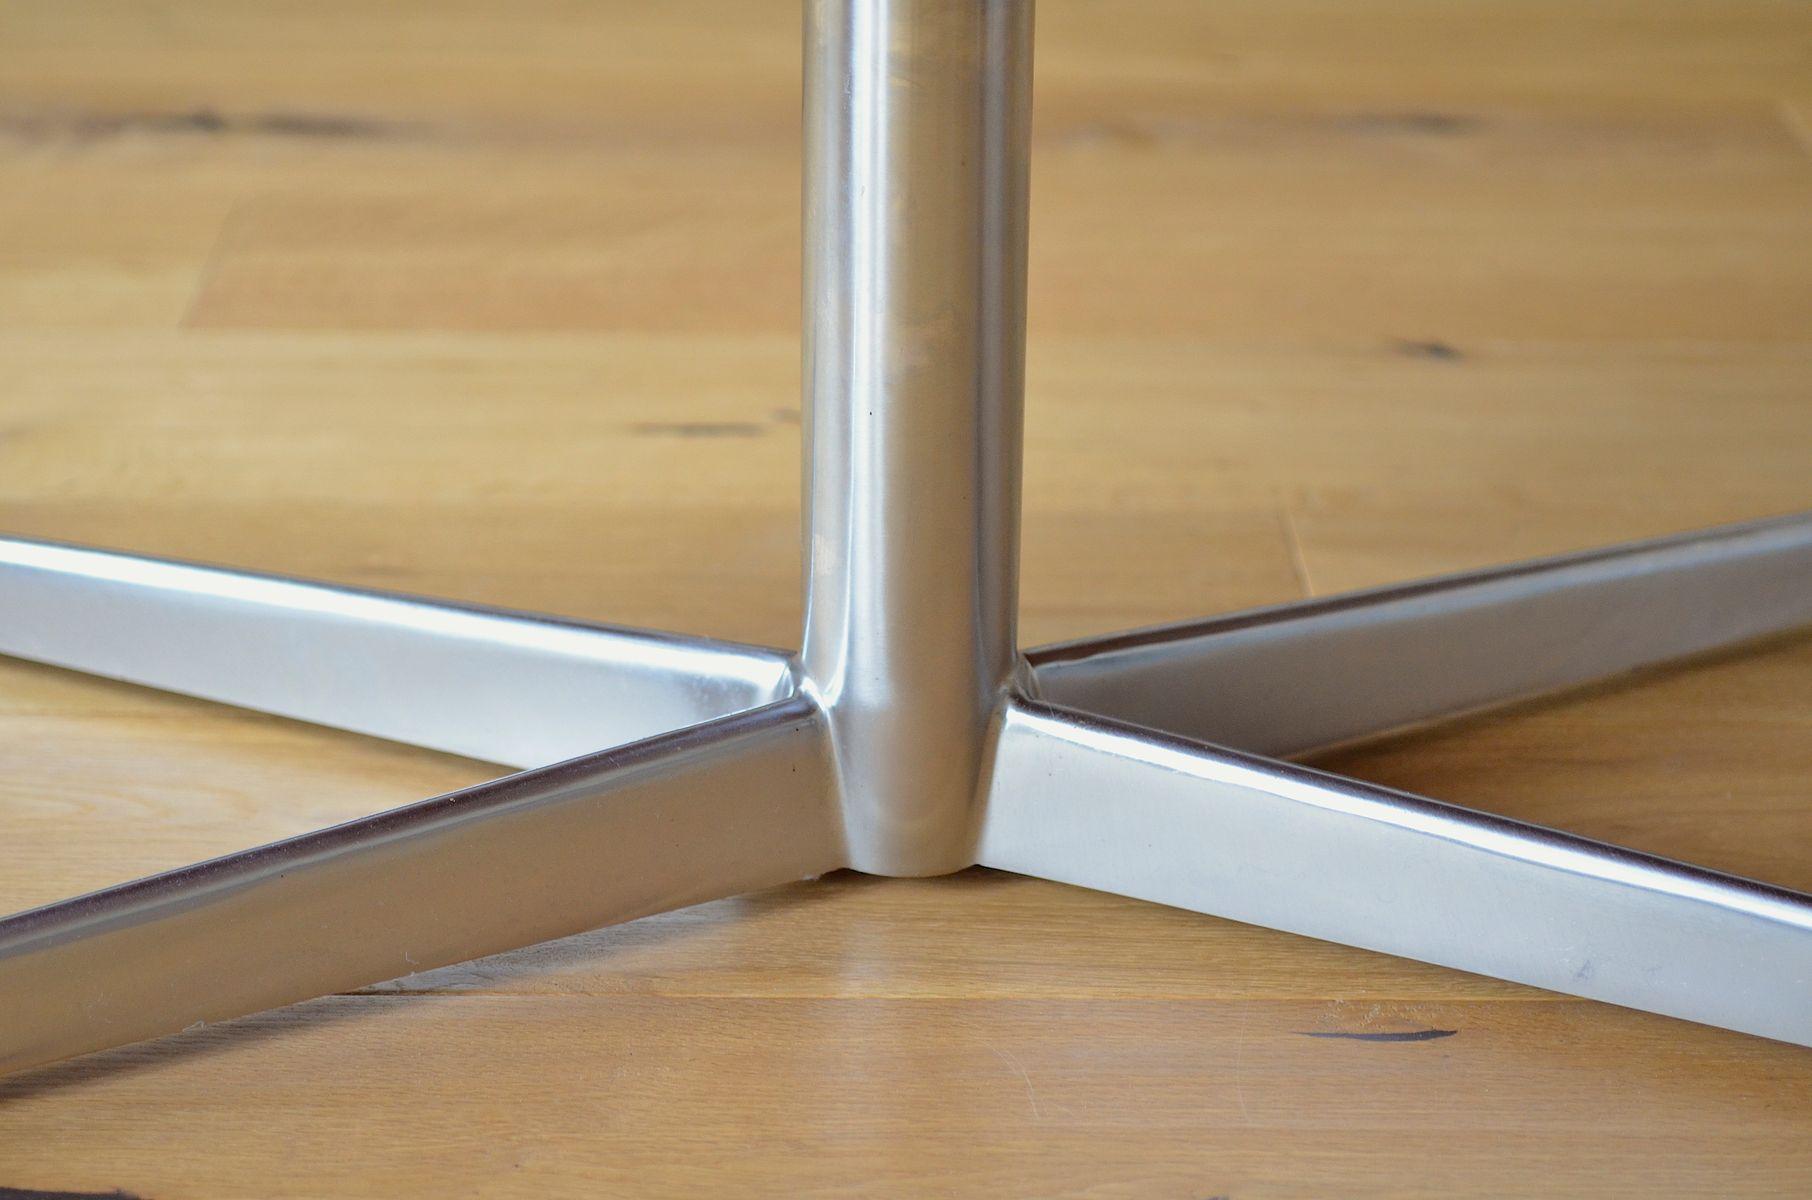 table basse scandinave adjustable en vente sur pamono. Black Bedroom Furniture Sets. Home Design Ideas